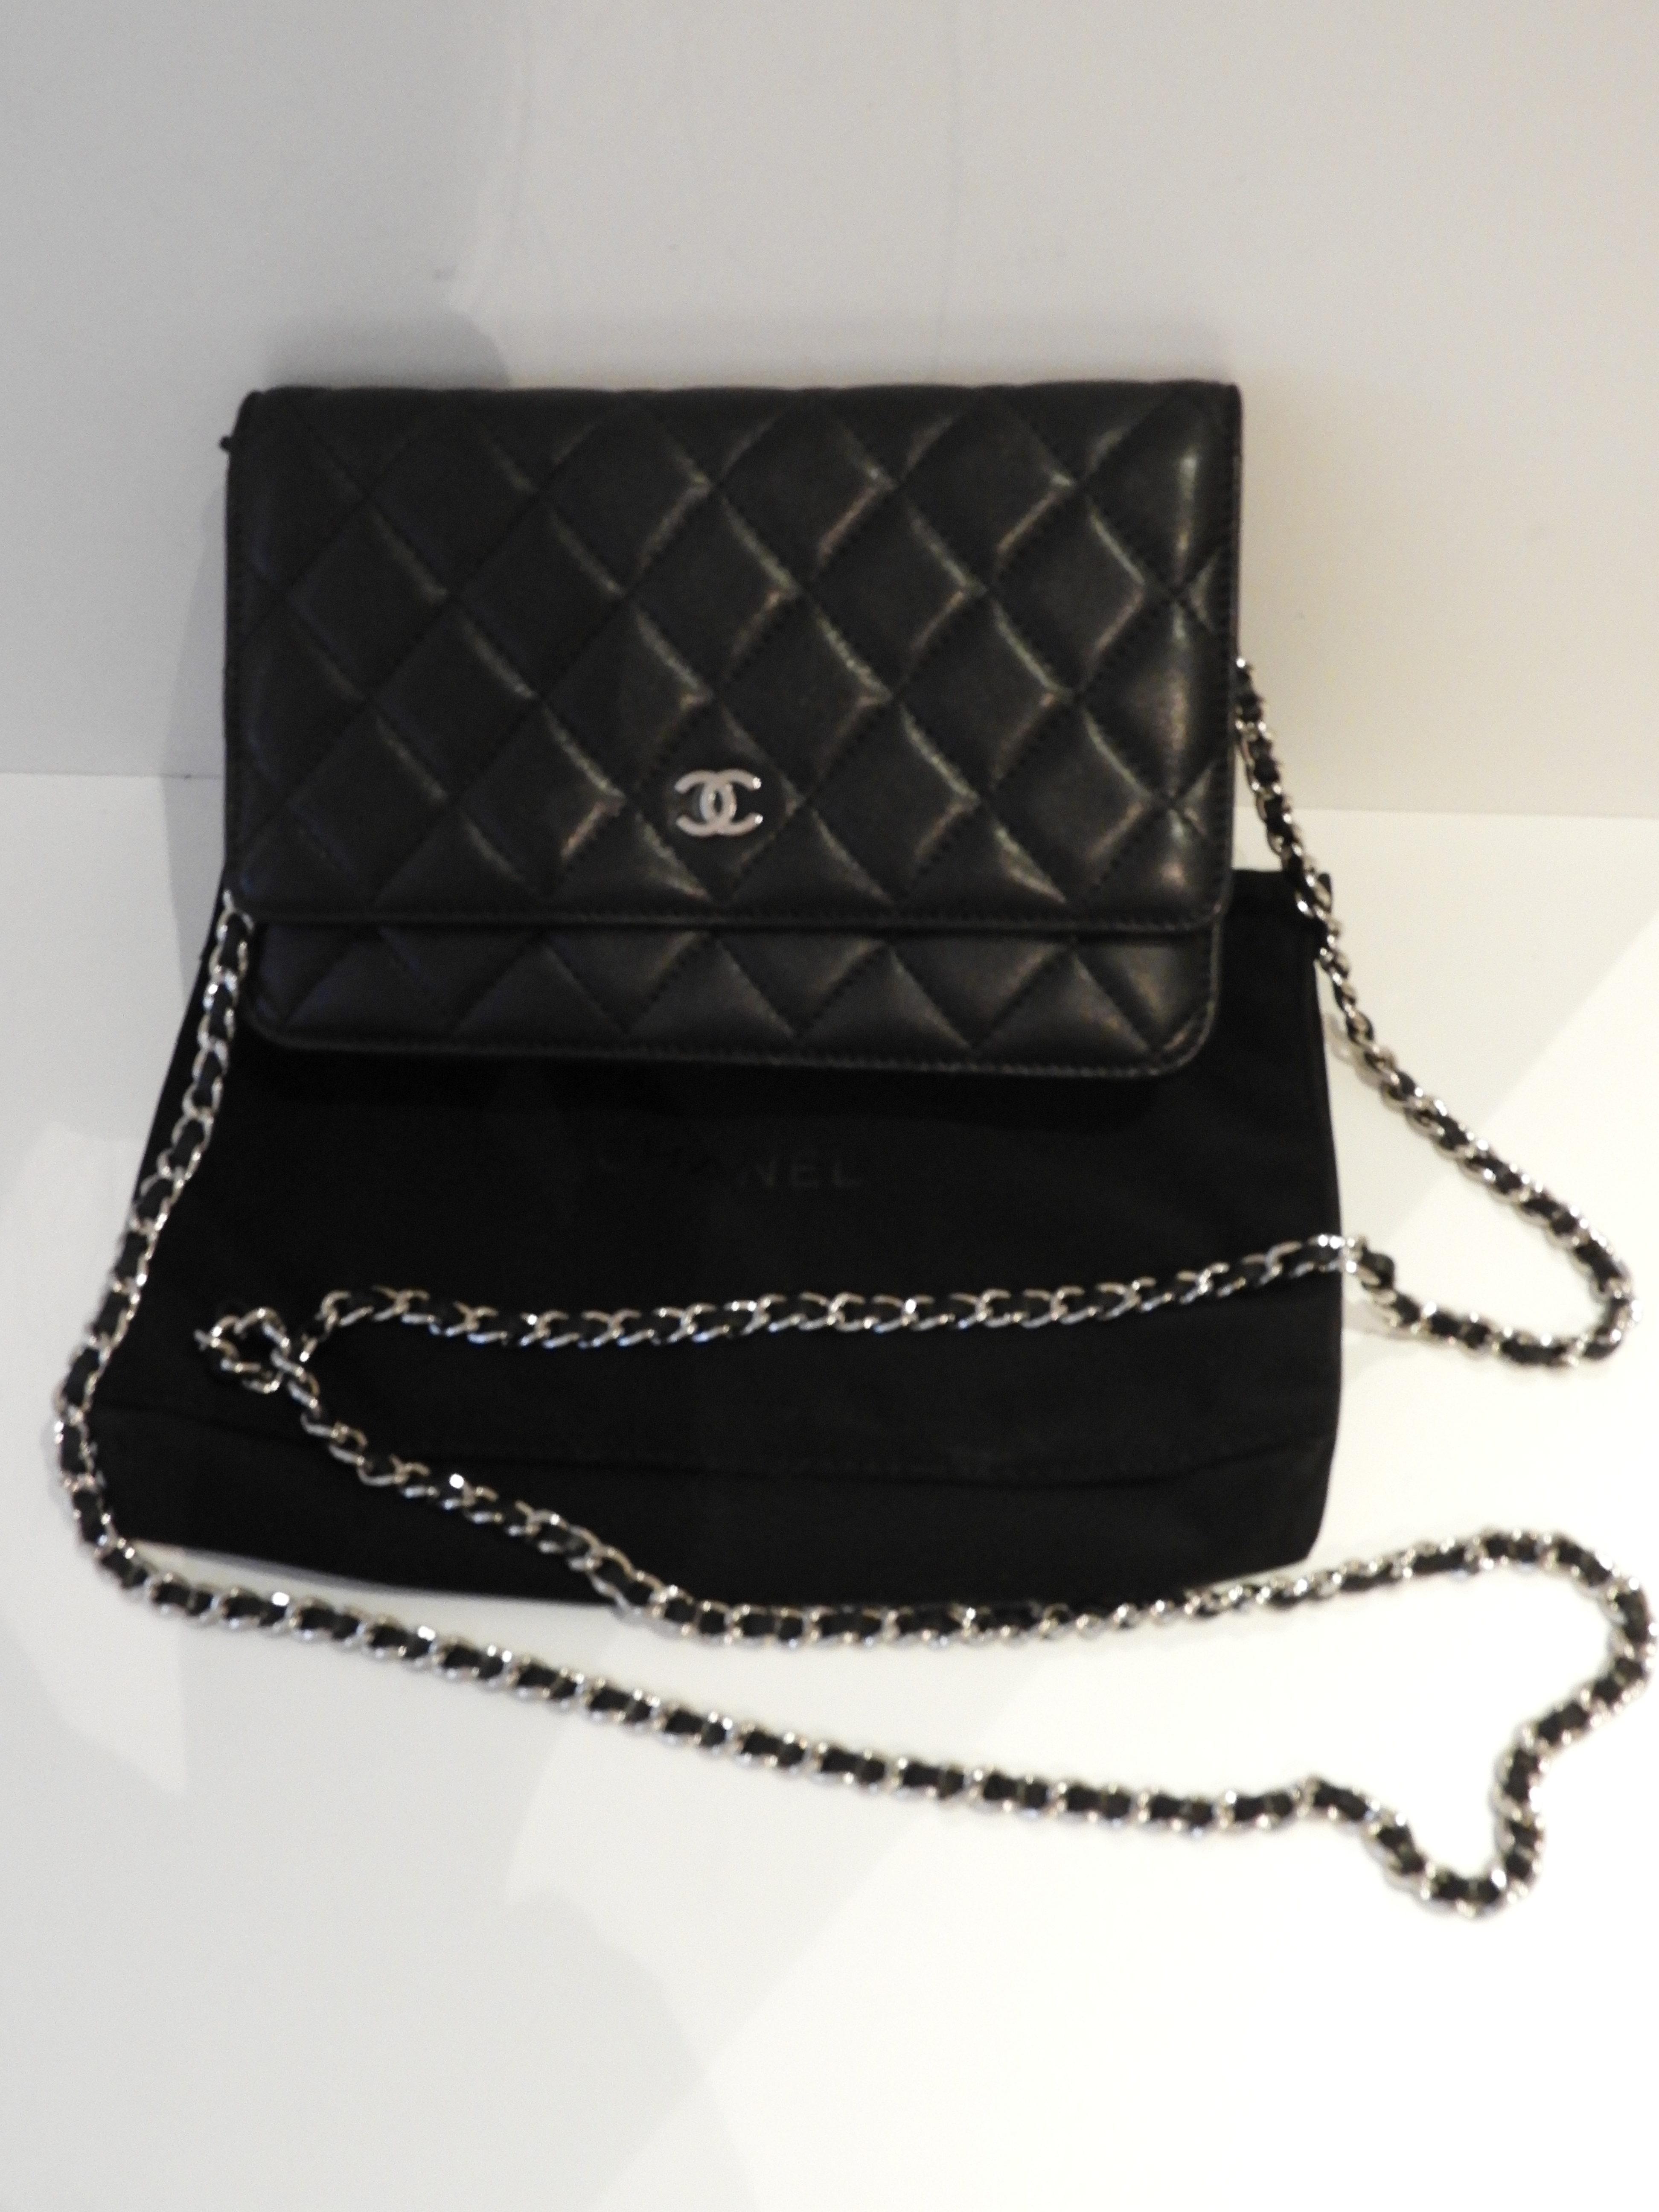 Chanel Woc Tasche Clutch Leder Schwarz Silber Modeundlifestyle Ch